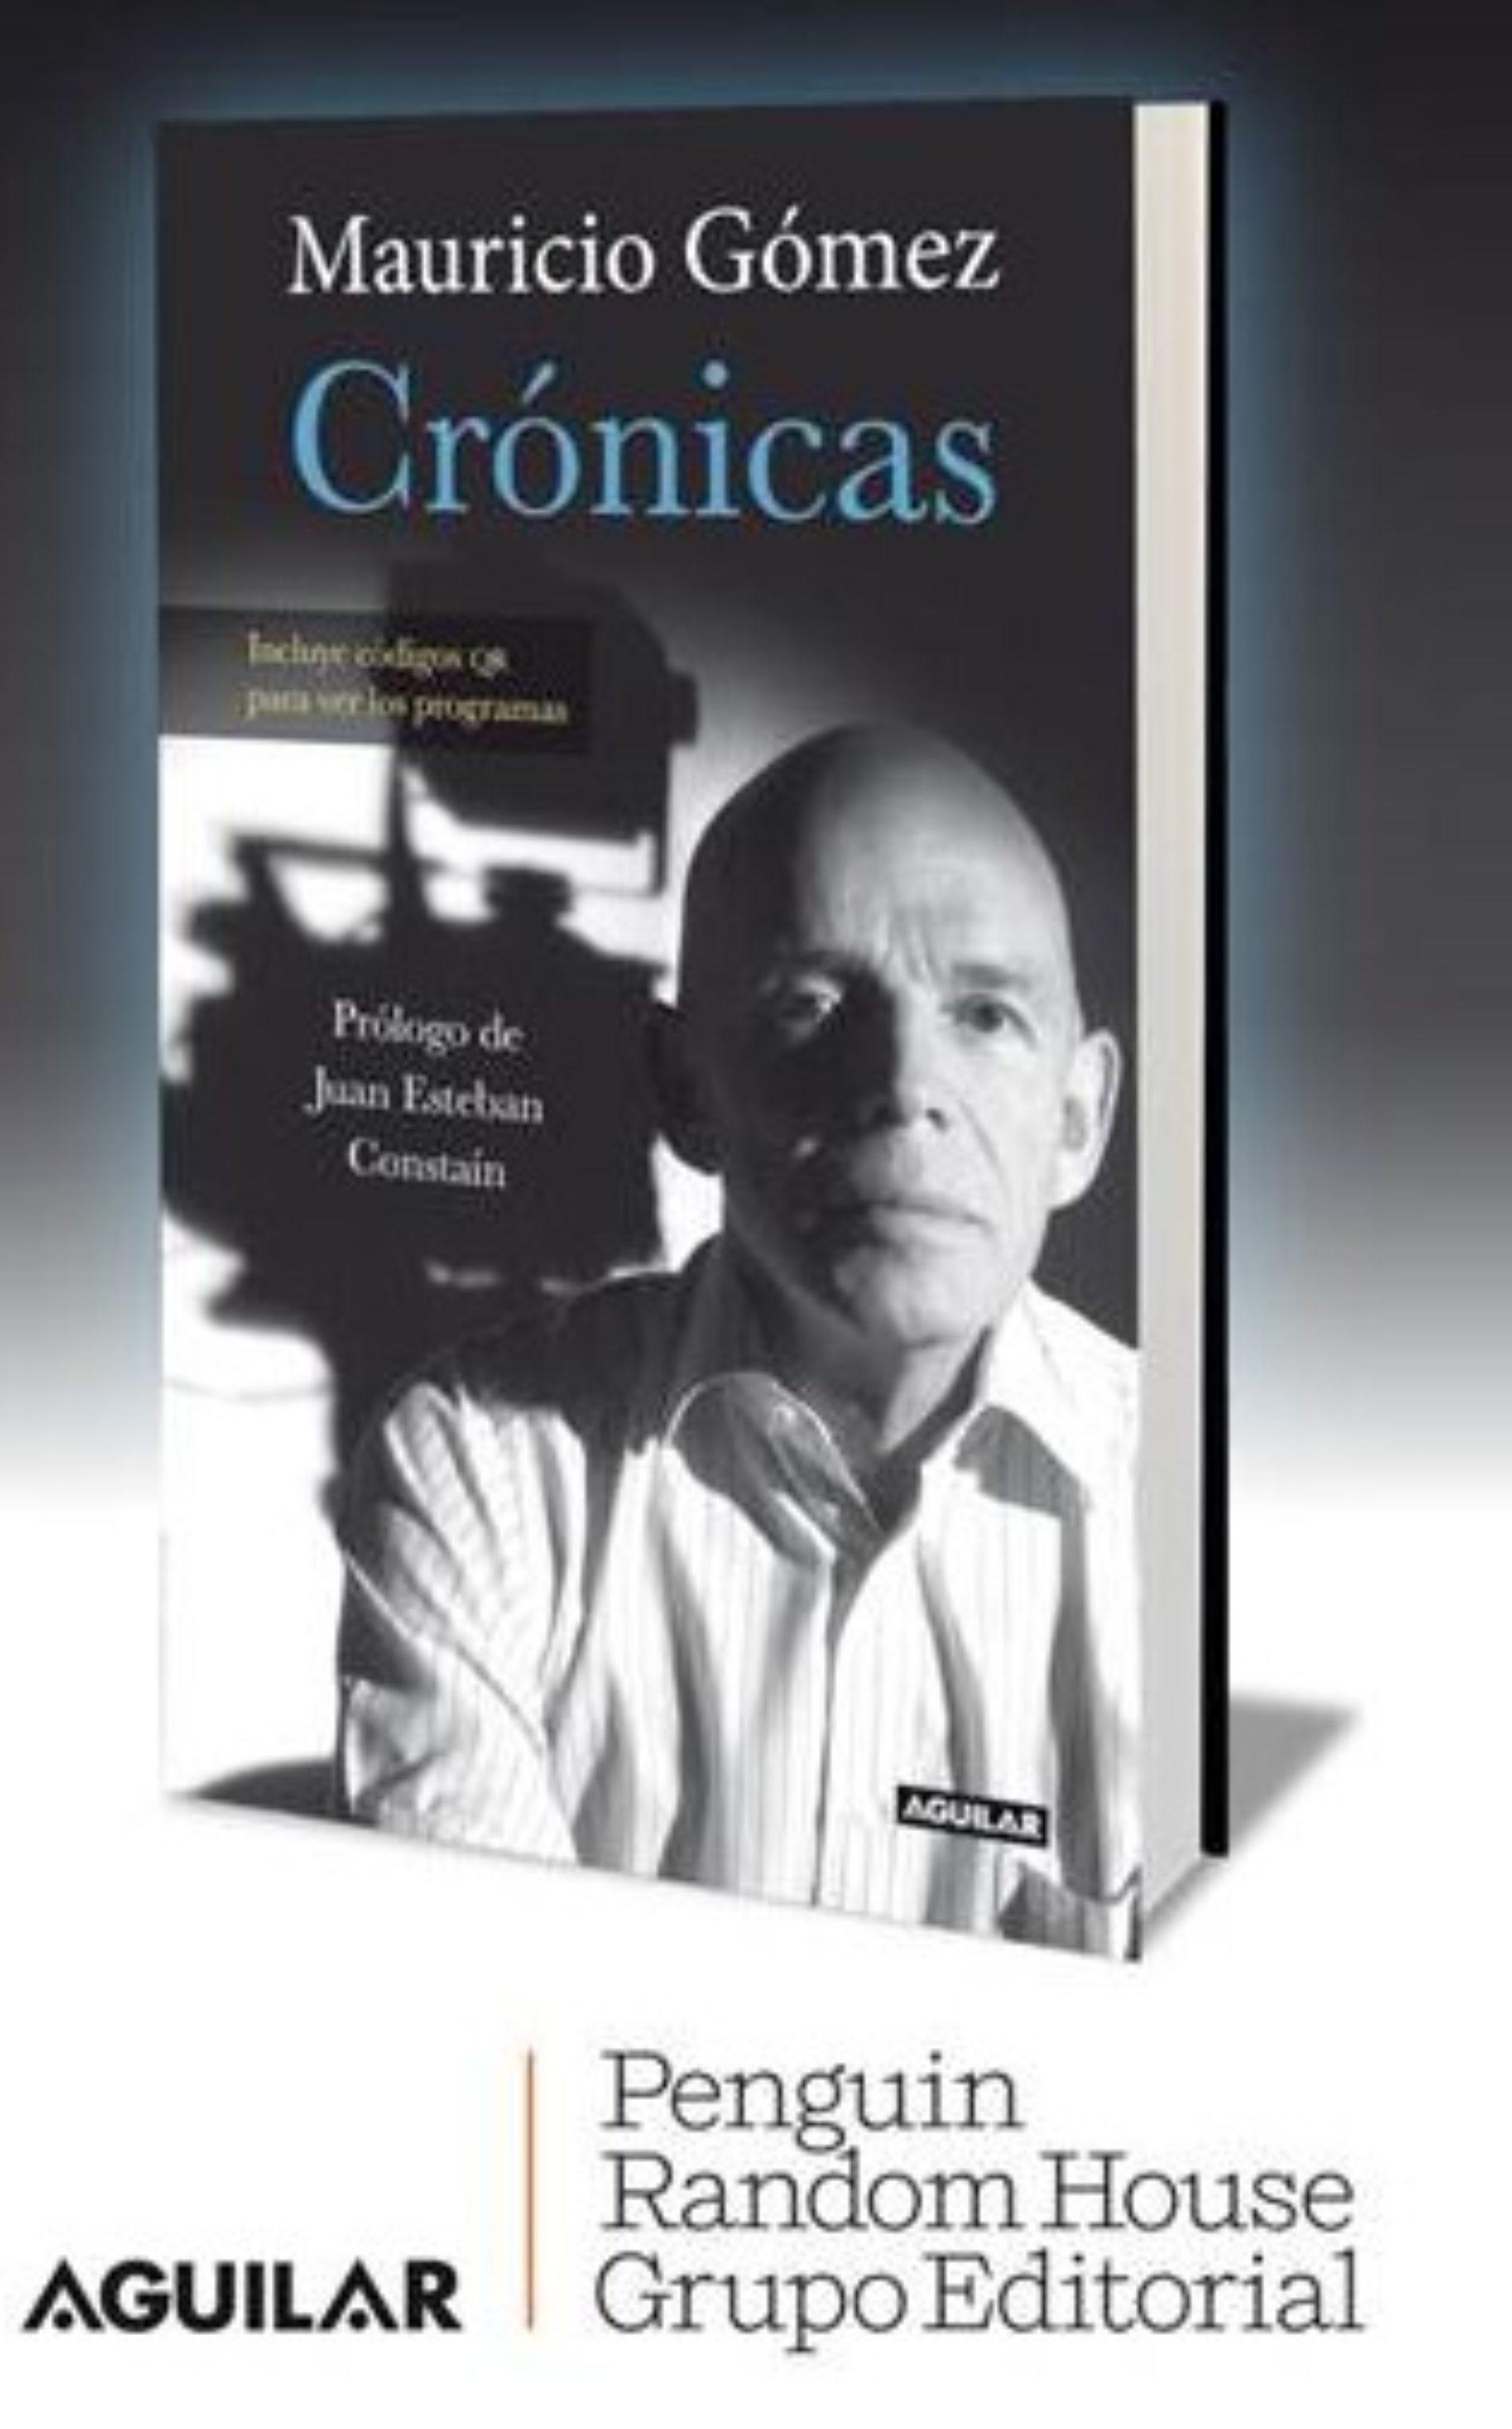 LAS CRÓNICAS DE MAURICIO GÓMEZ